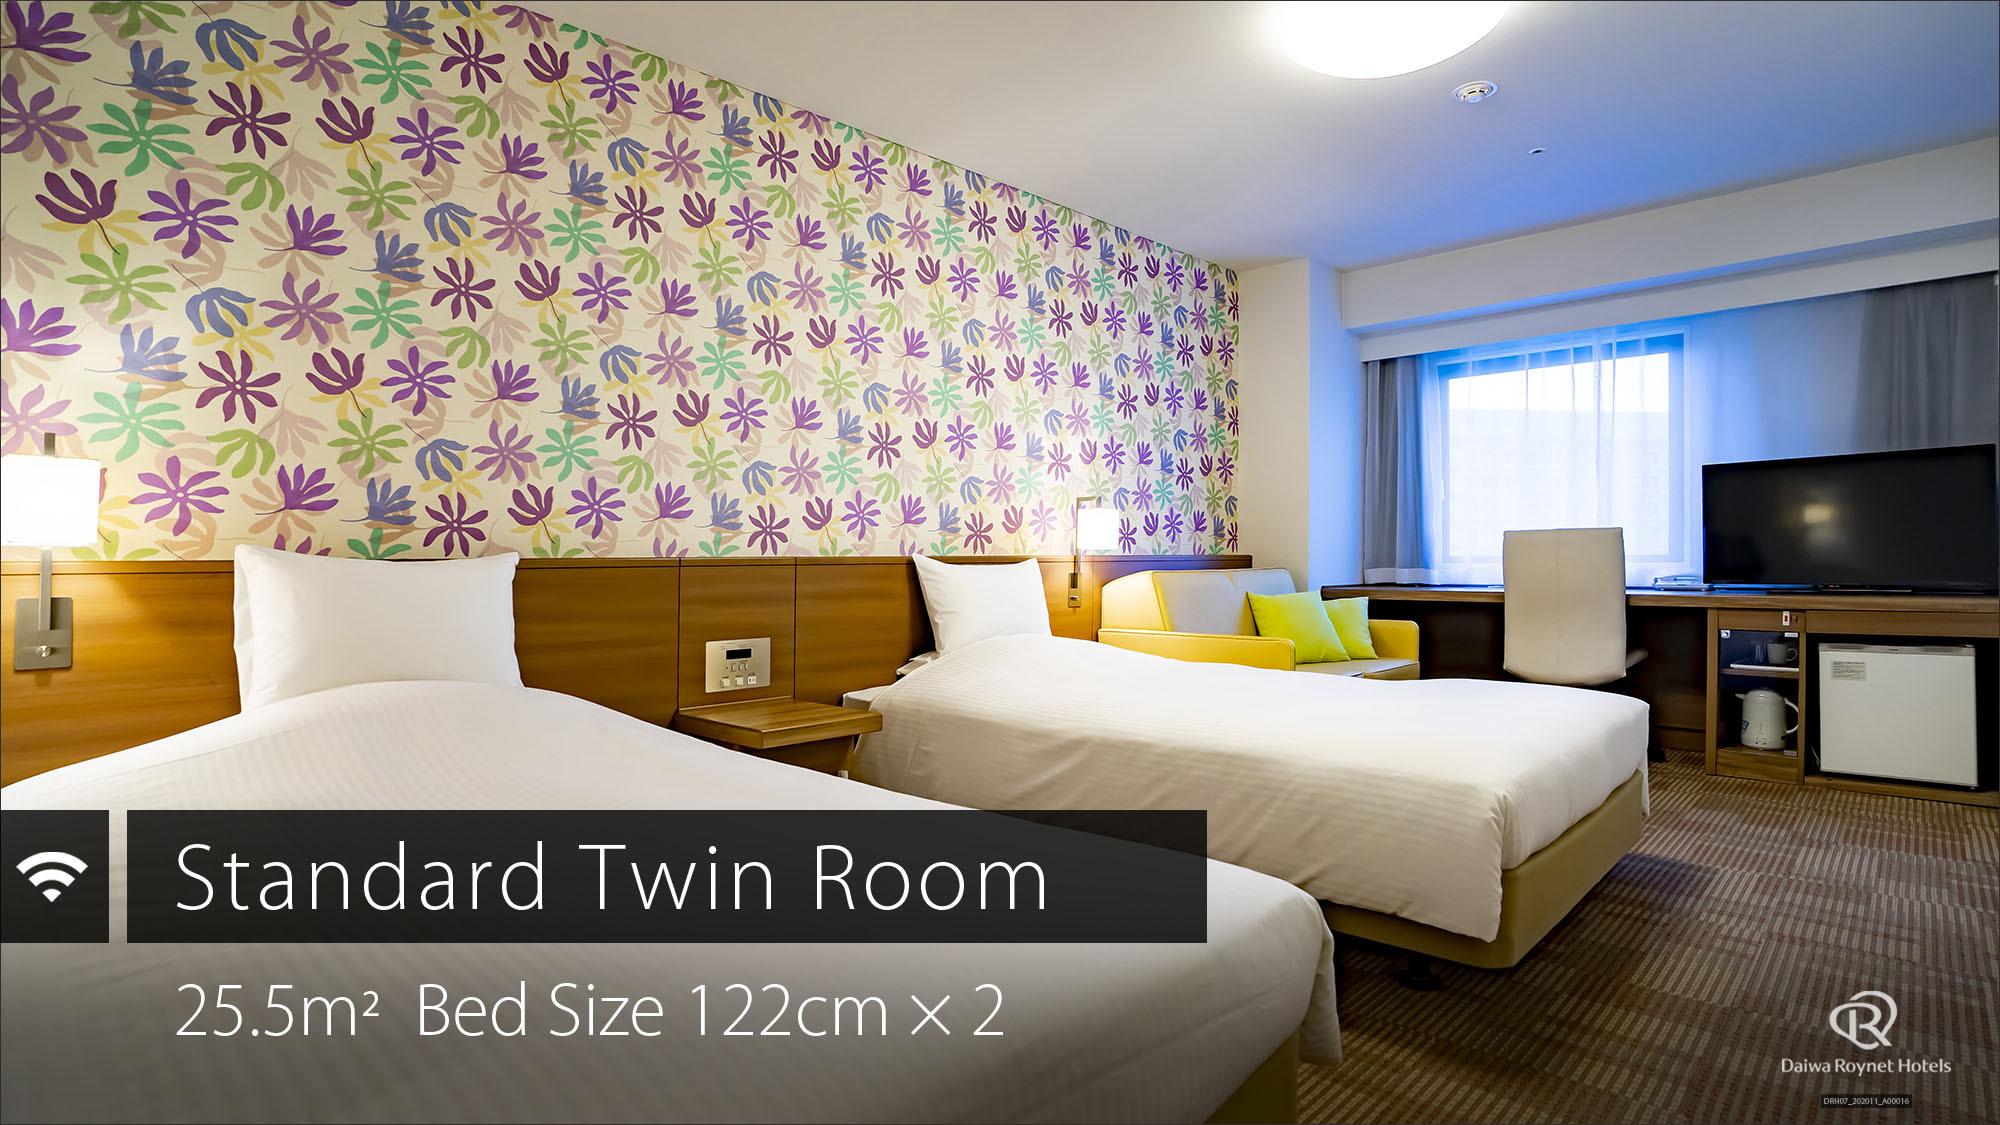 【スタンダードツインルーム】約25m2・ベッド幅122cm2台・全室wifi・加湿器付き空気清浄機完備